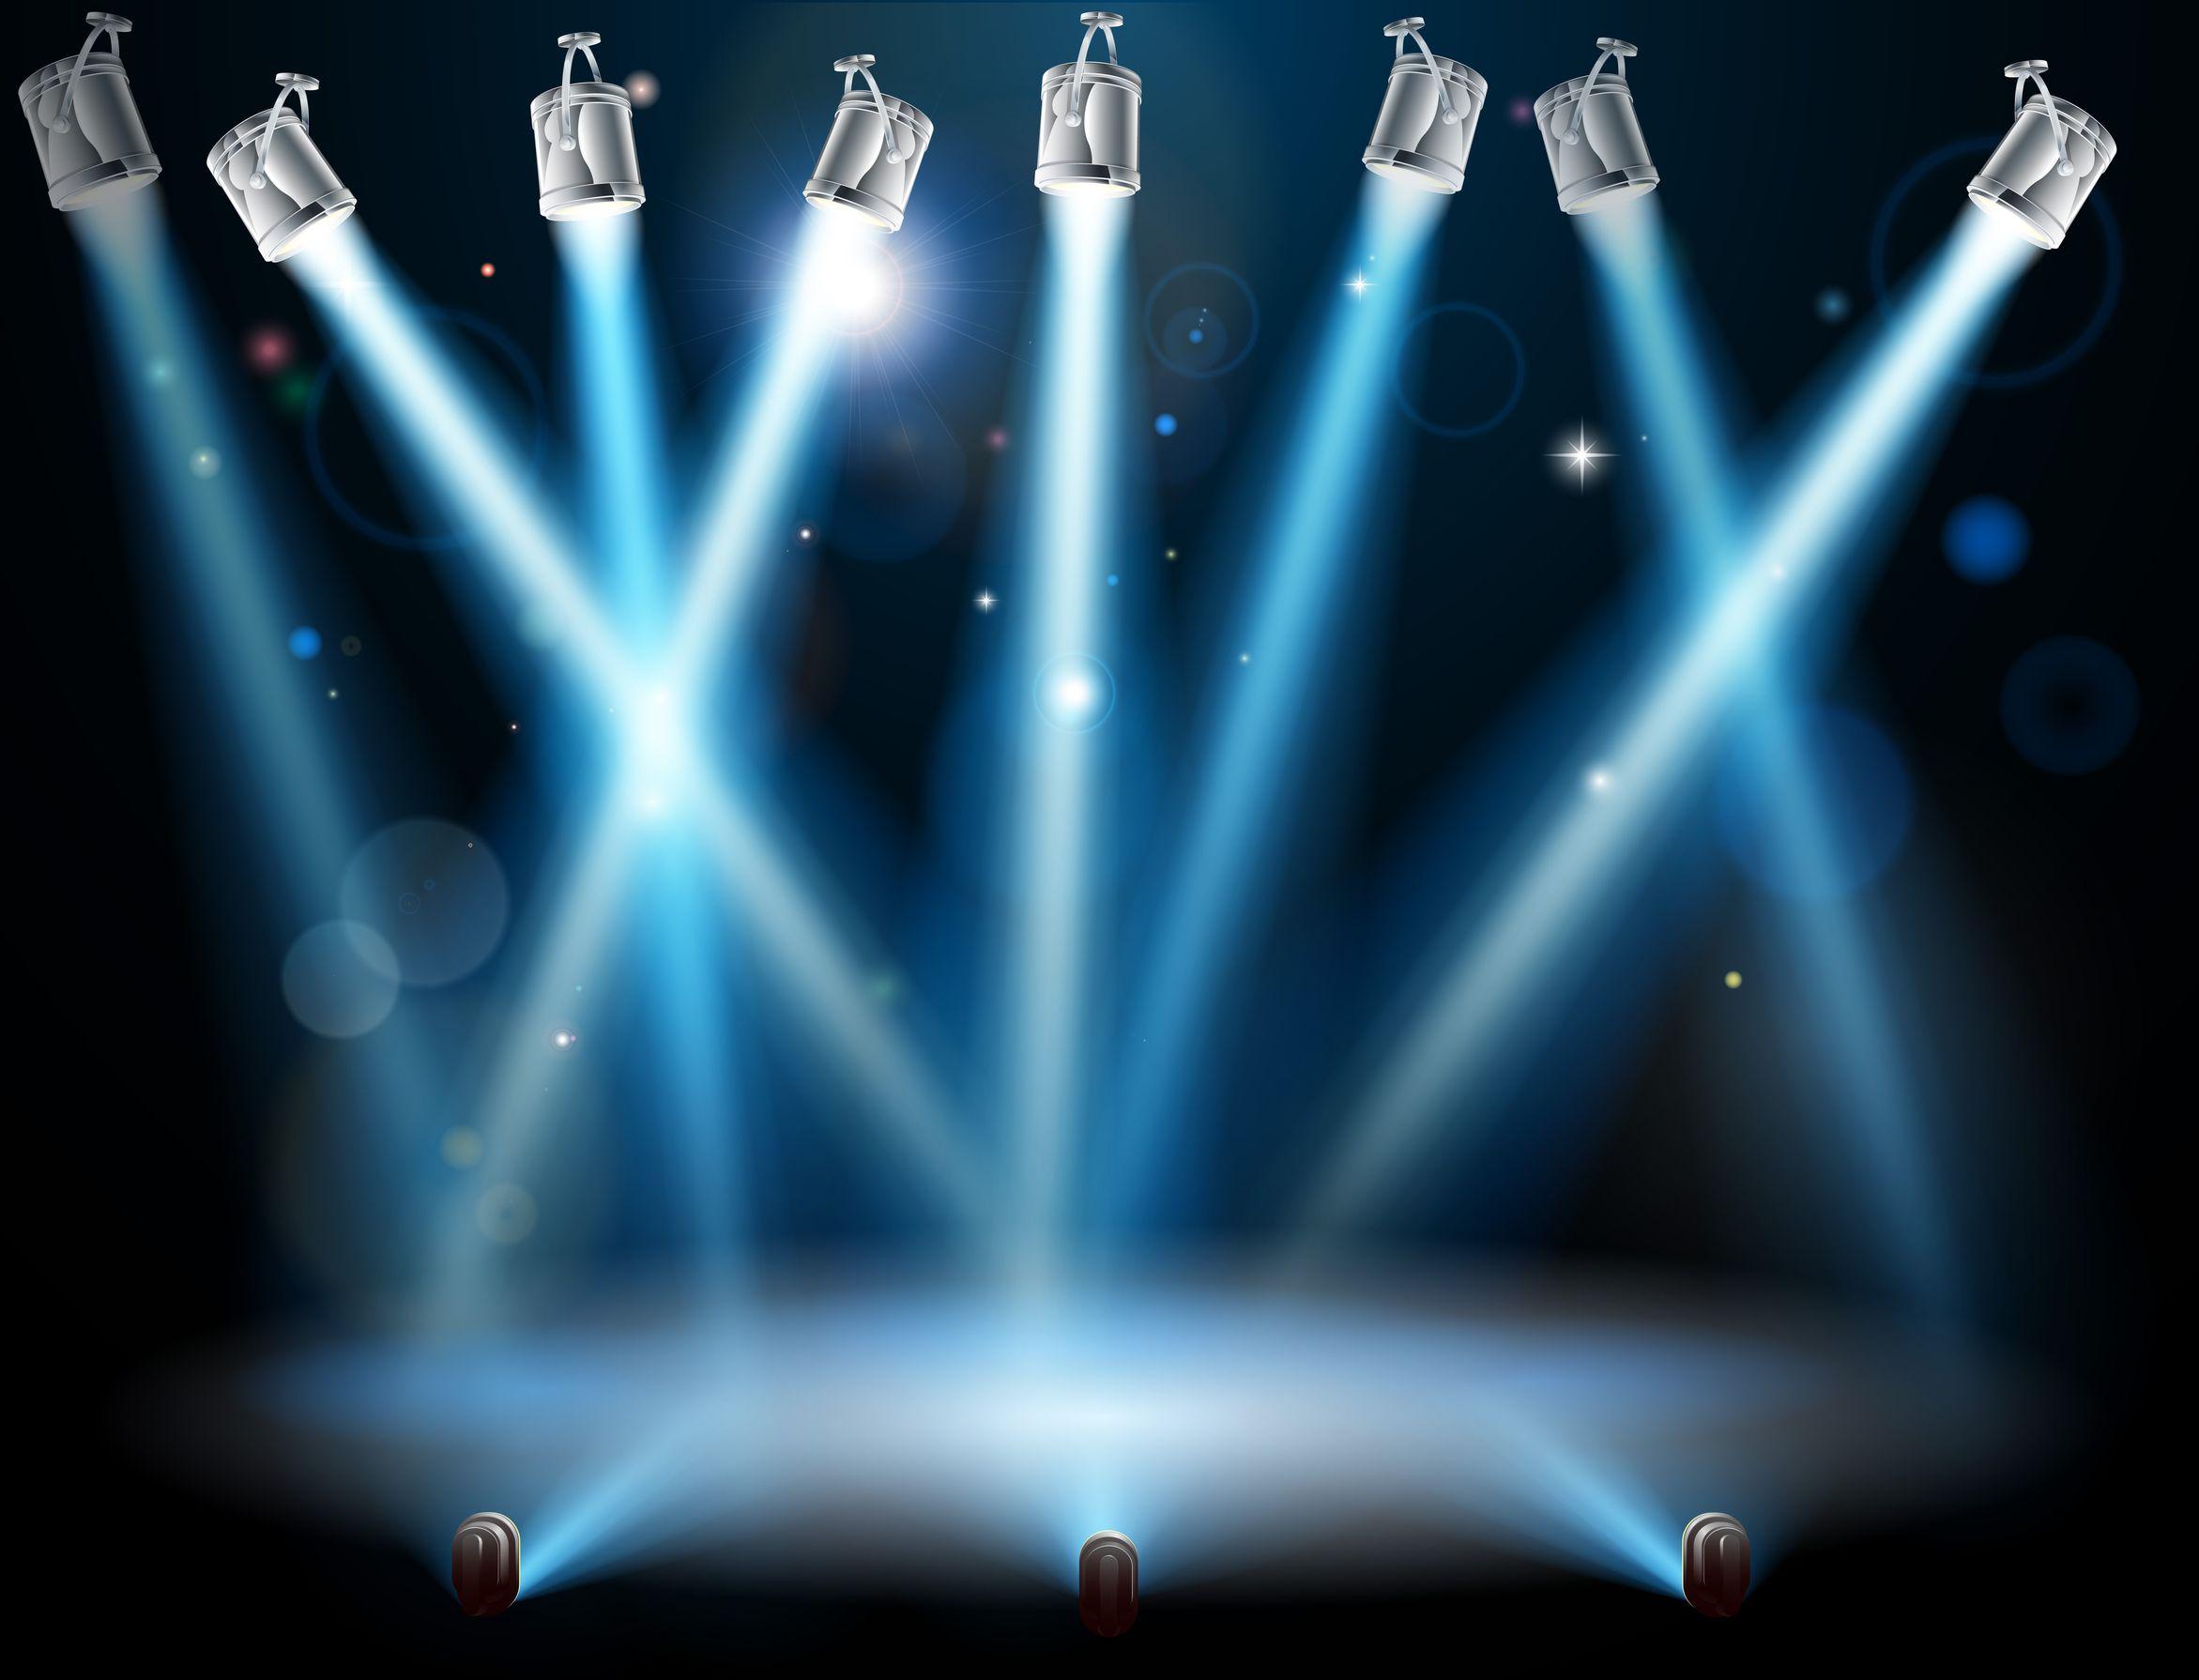 sonorisation arles-location sono-sono evenement-eclairage evenementiel-location de materiel sono-animation sonore-contact PASC